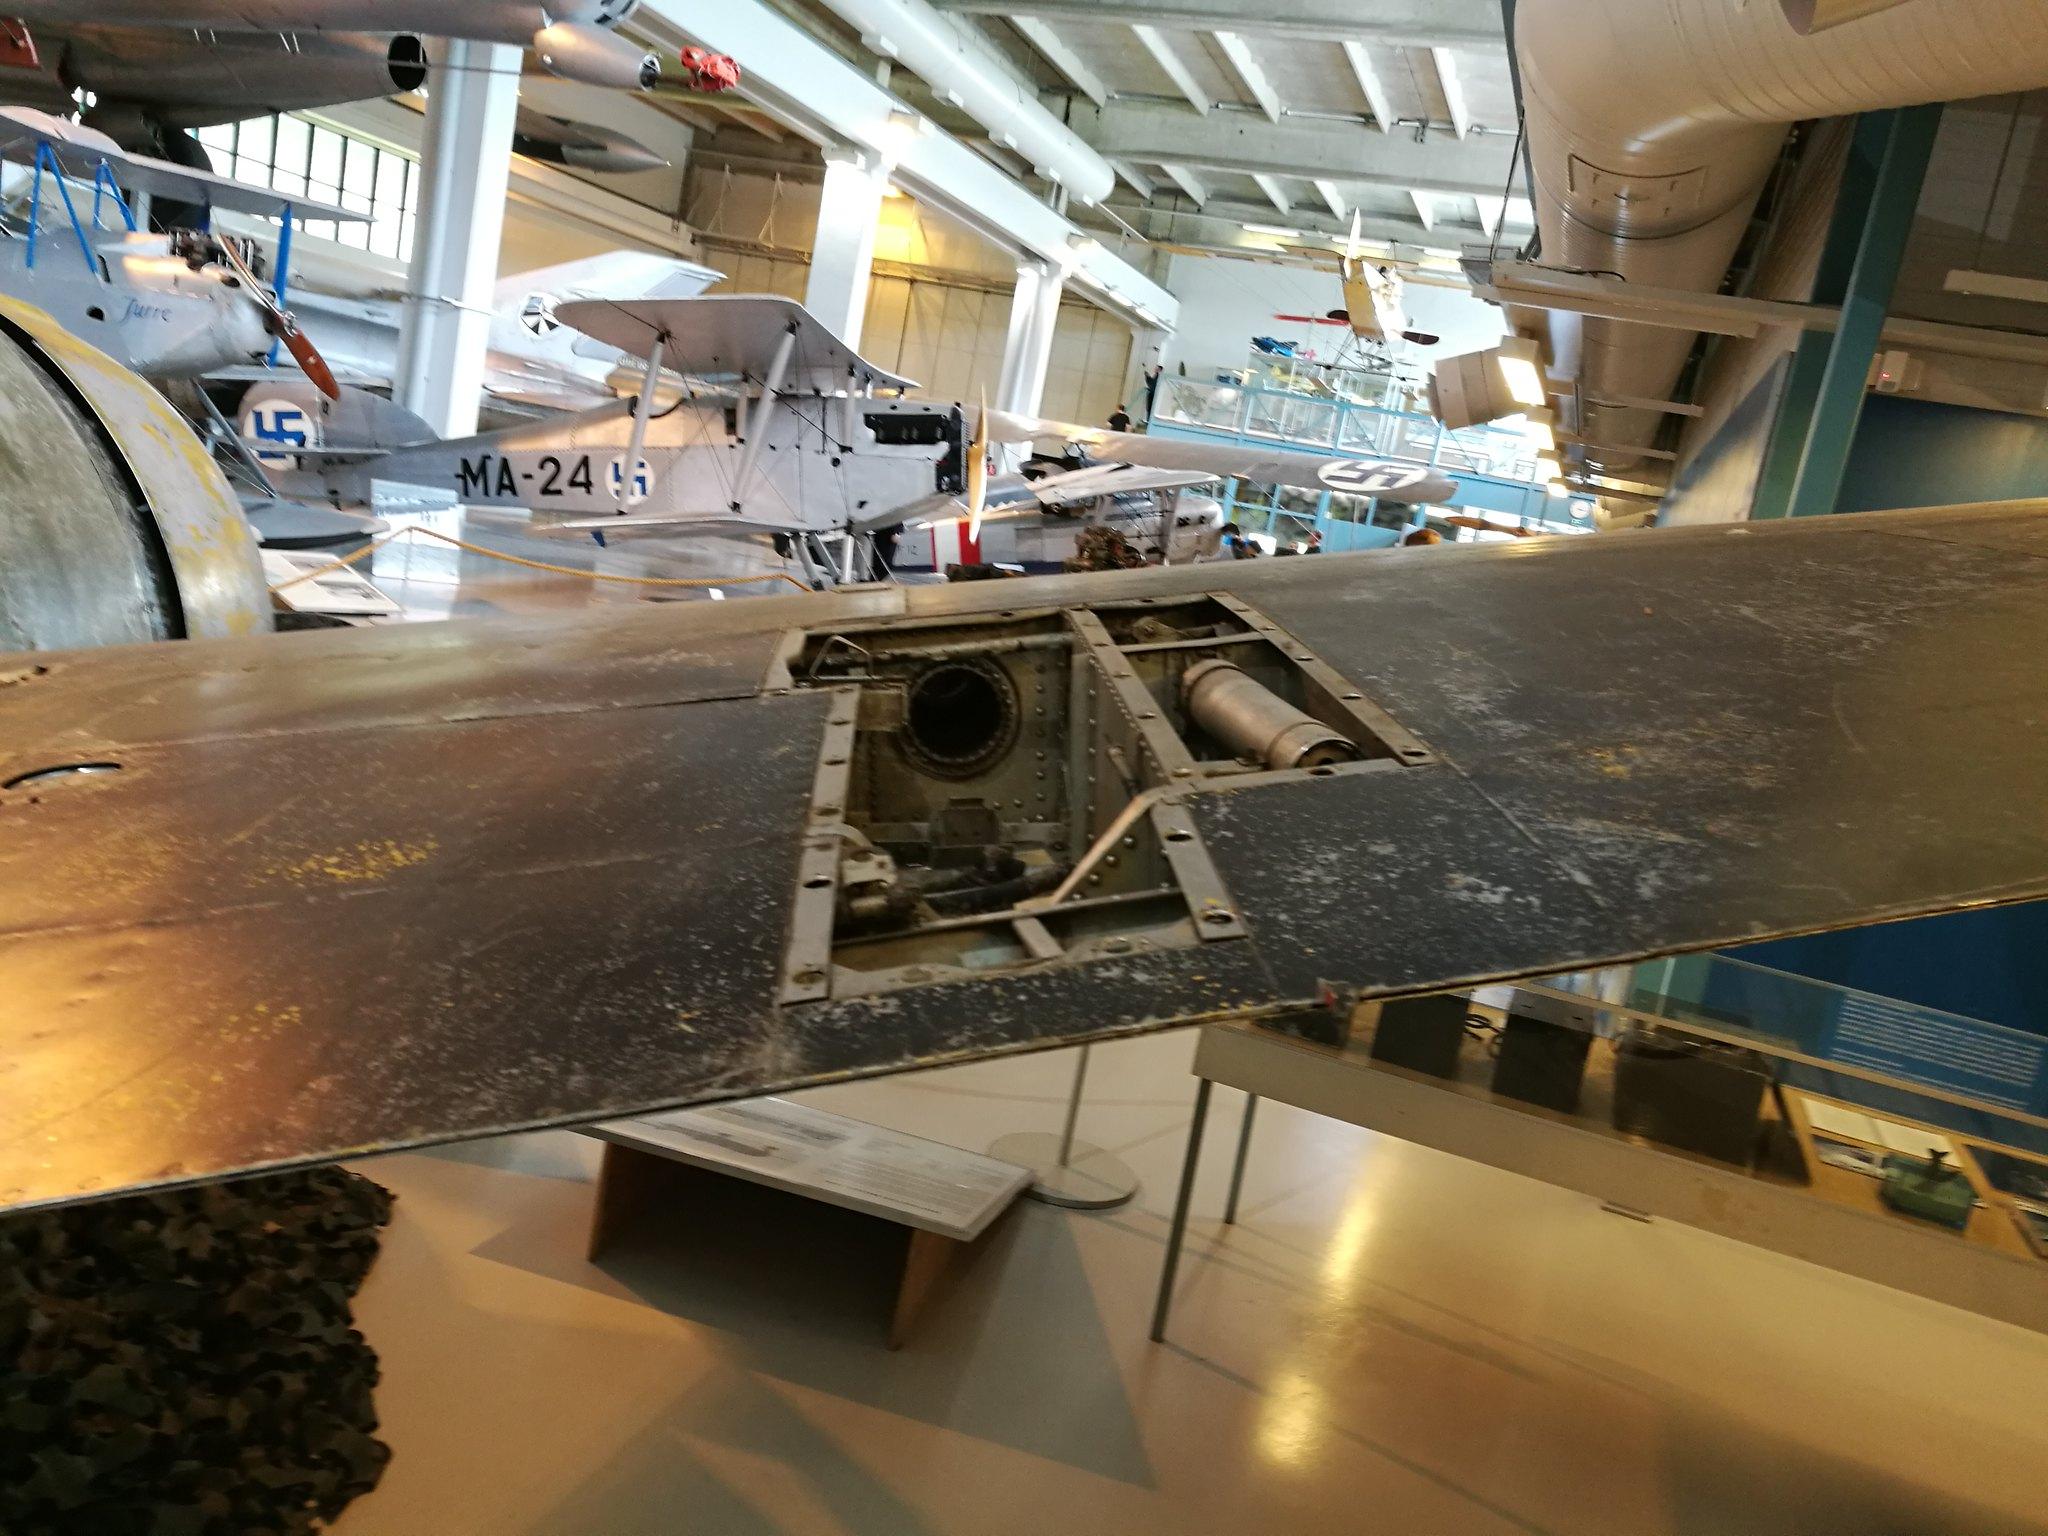 Hemkommen från semester i Finland med utflykt till Finlands Flygvapenmuseum. 48293065092_7bf380fd57_k